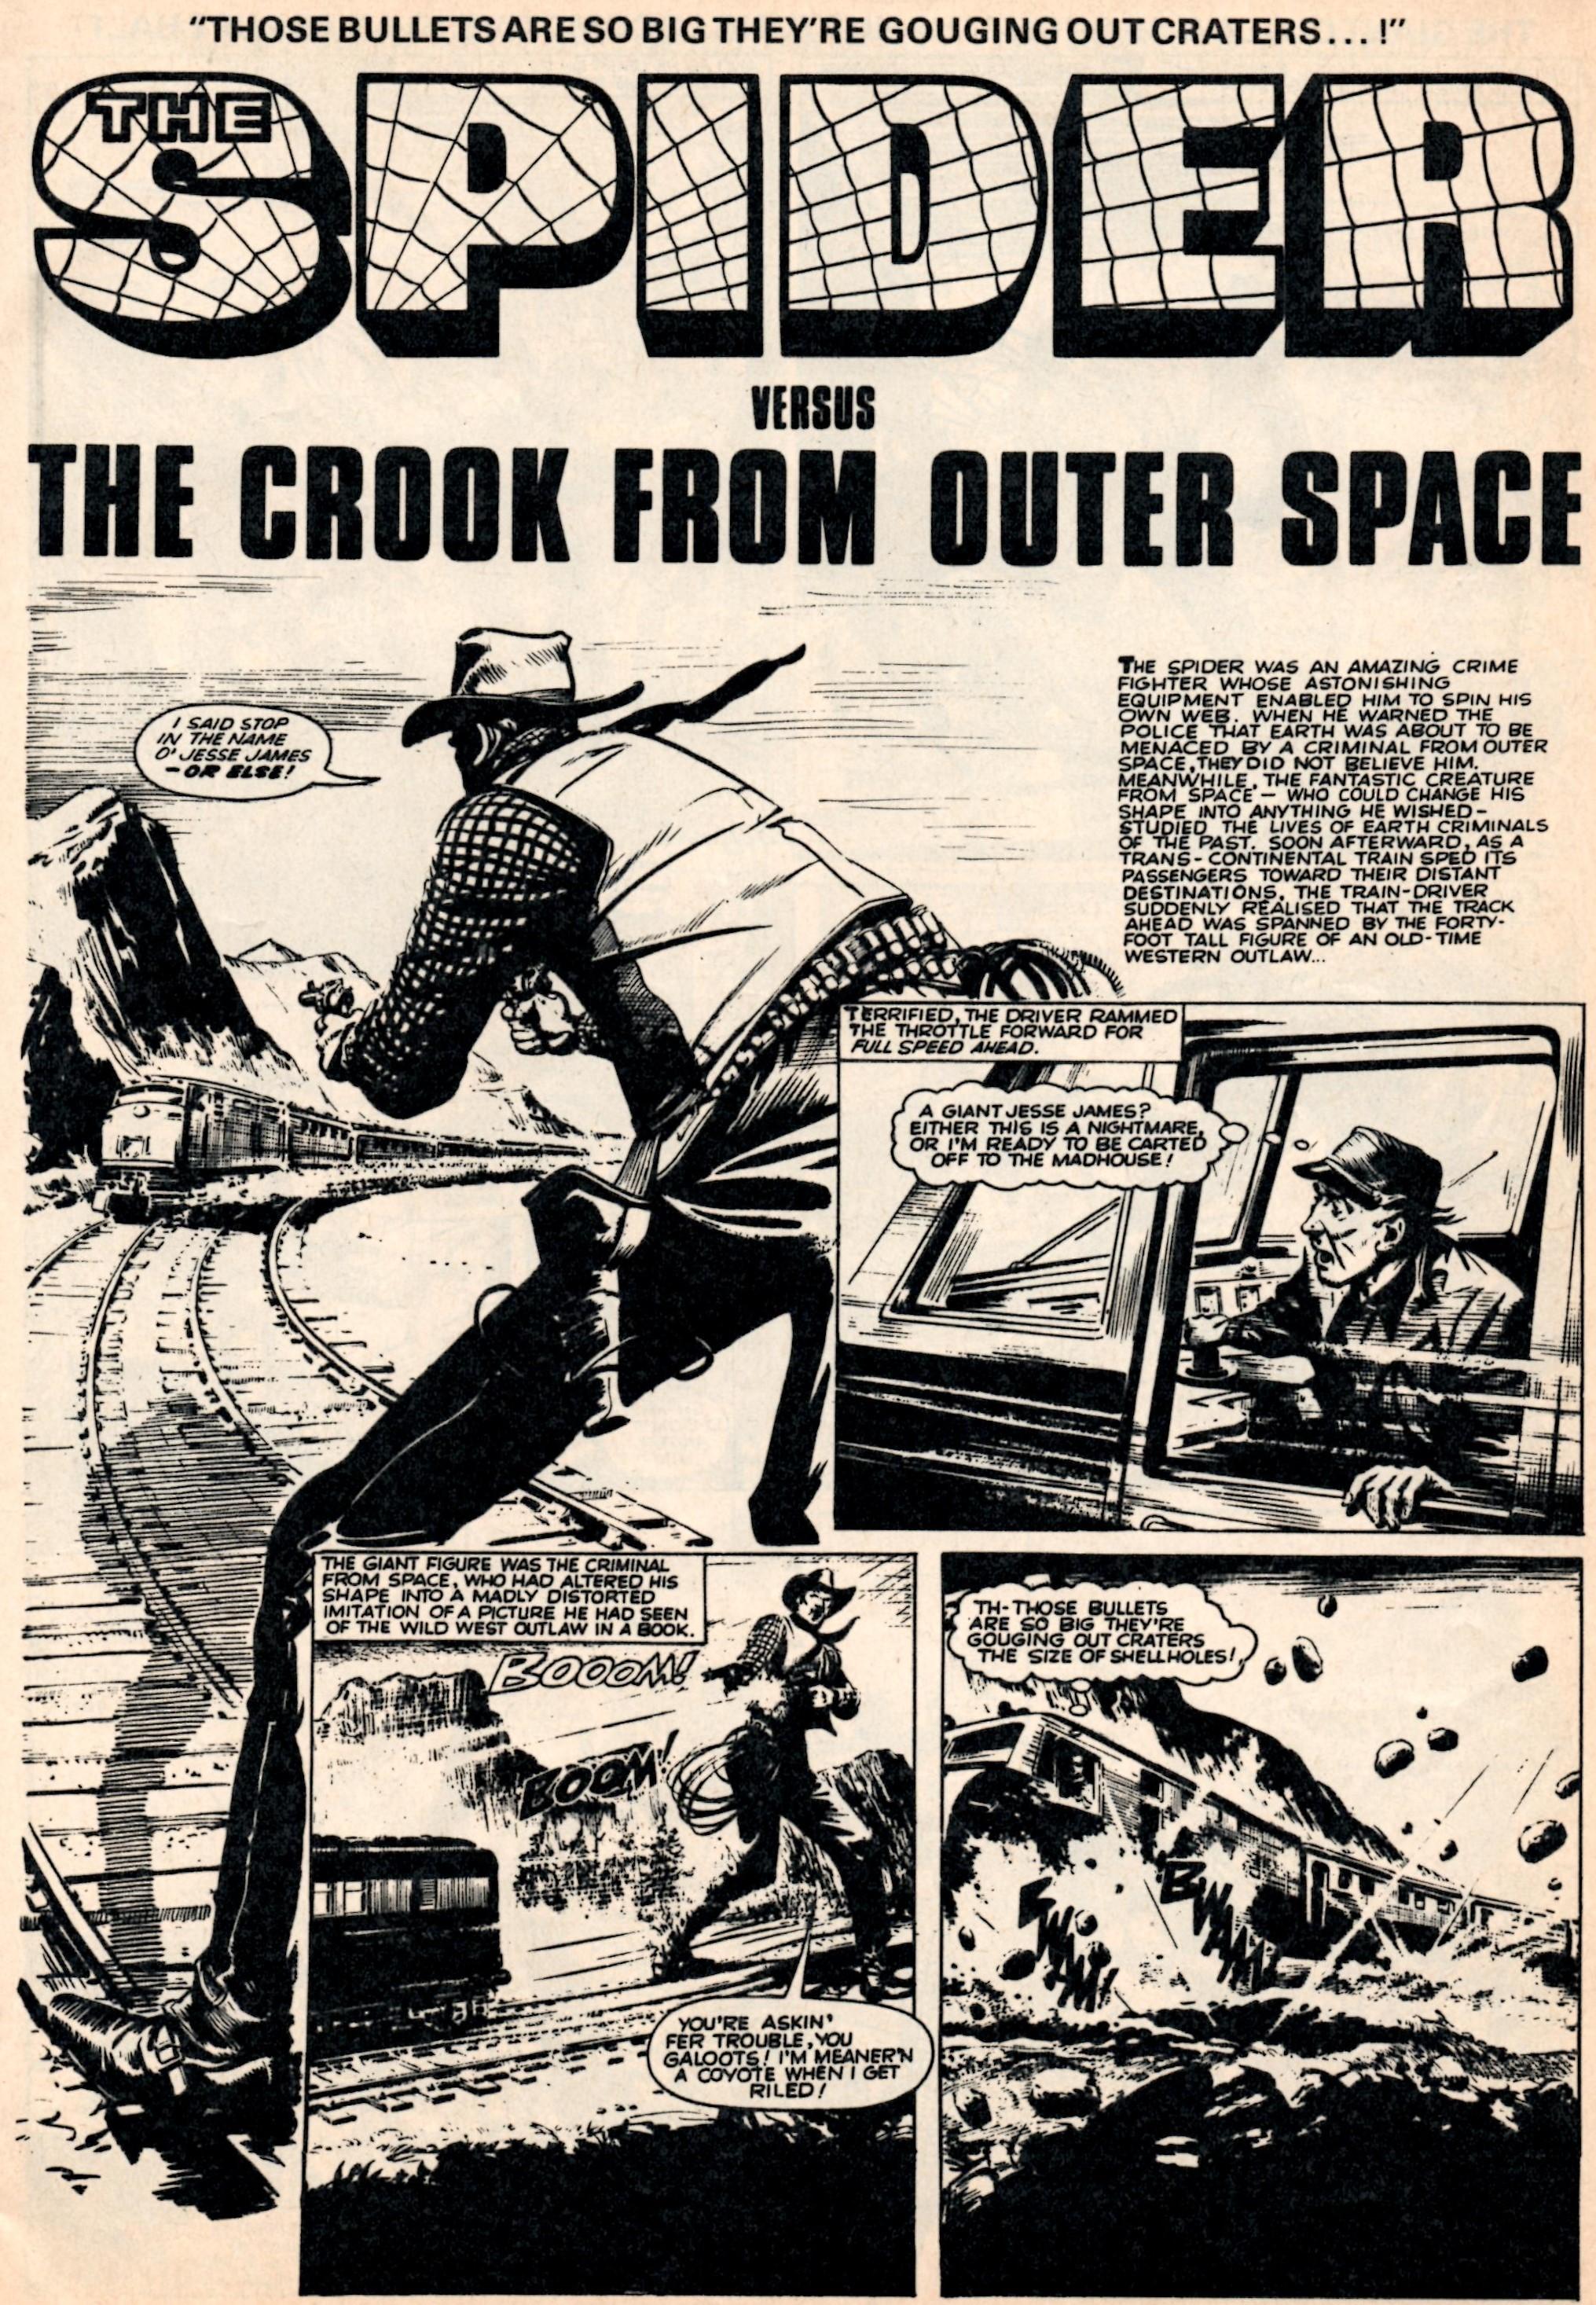 The Spider: Jerry Siegel (writer), Reg Bunn (artist); reprinted from Lion